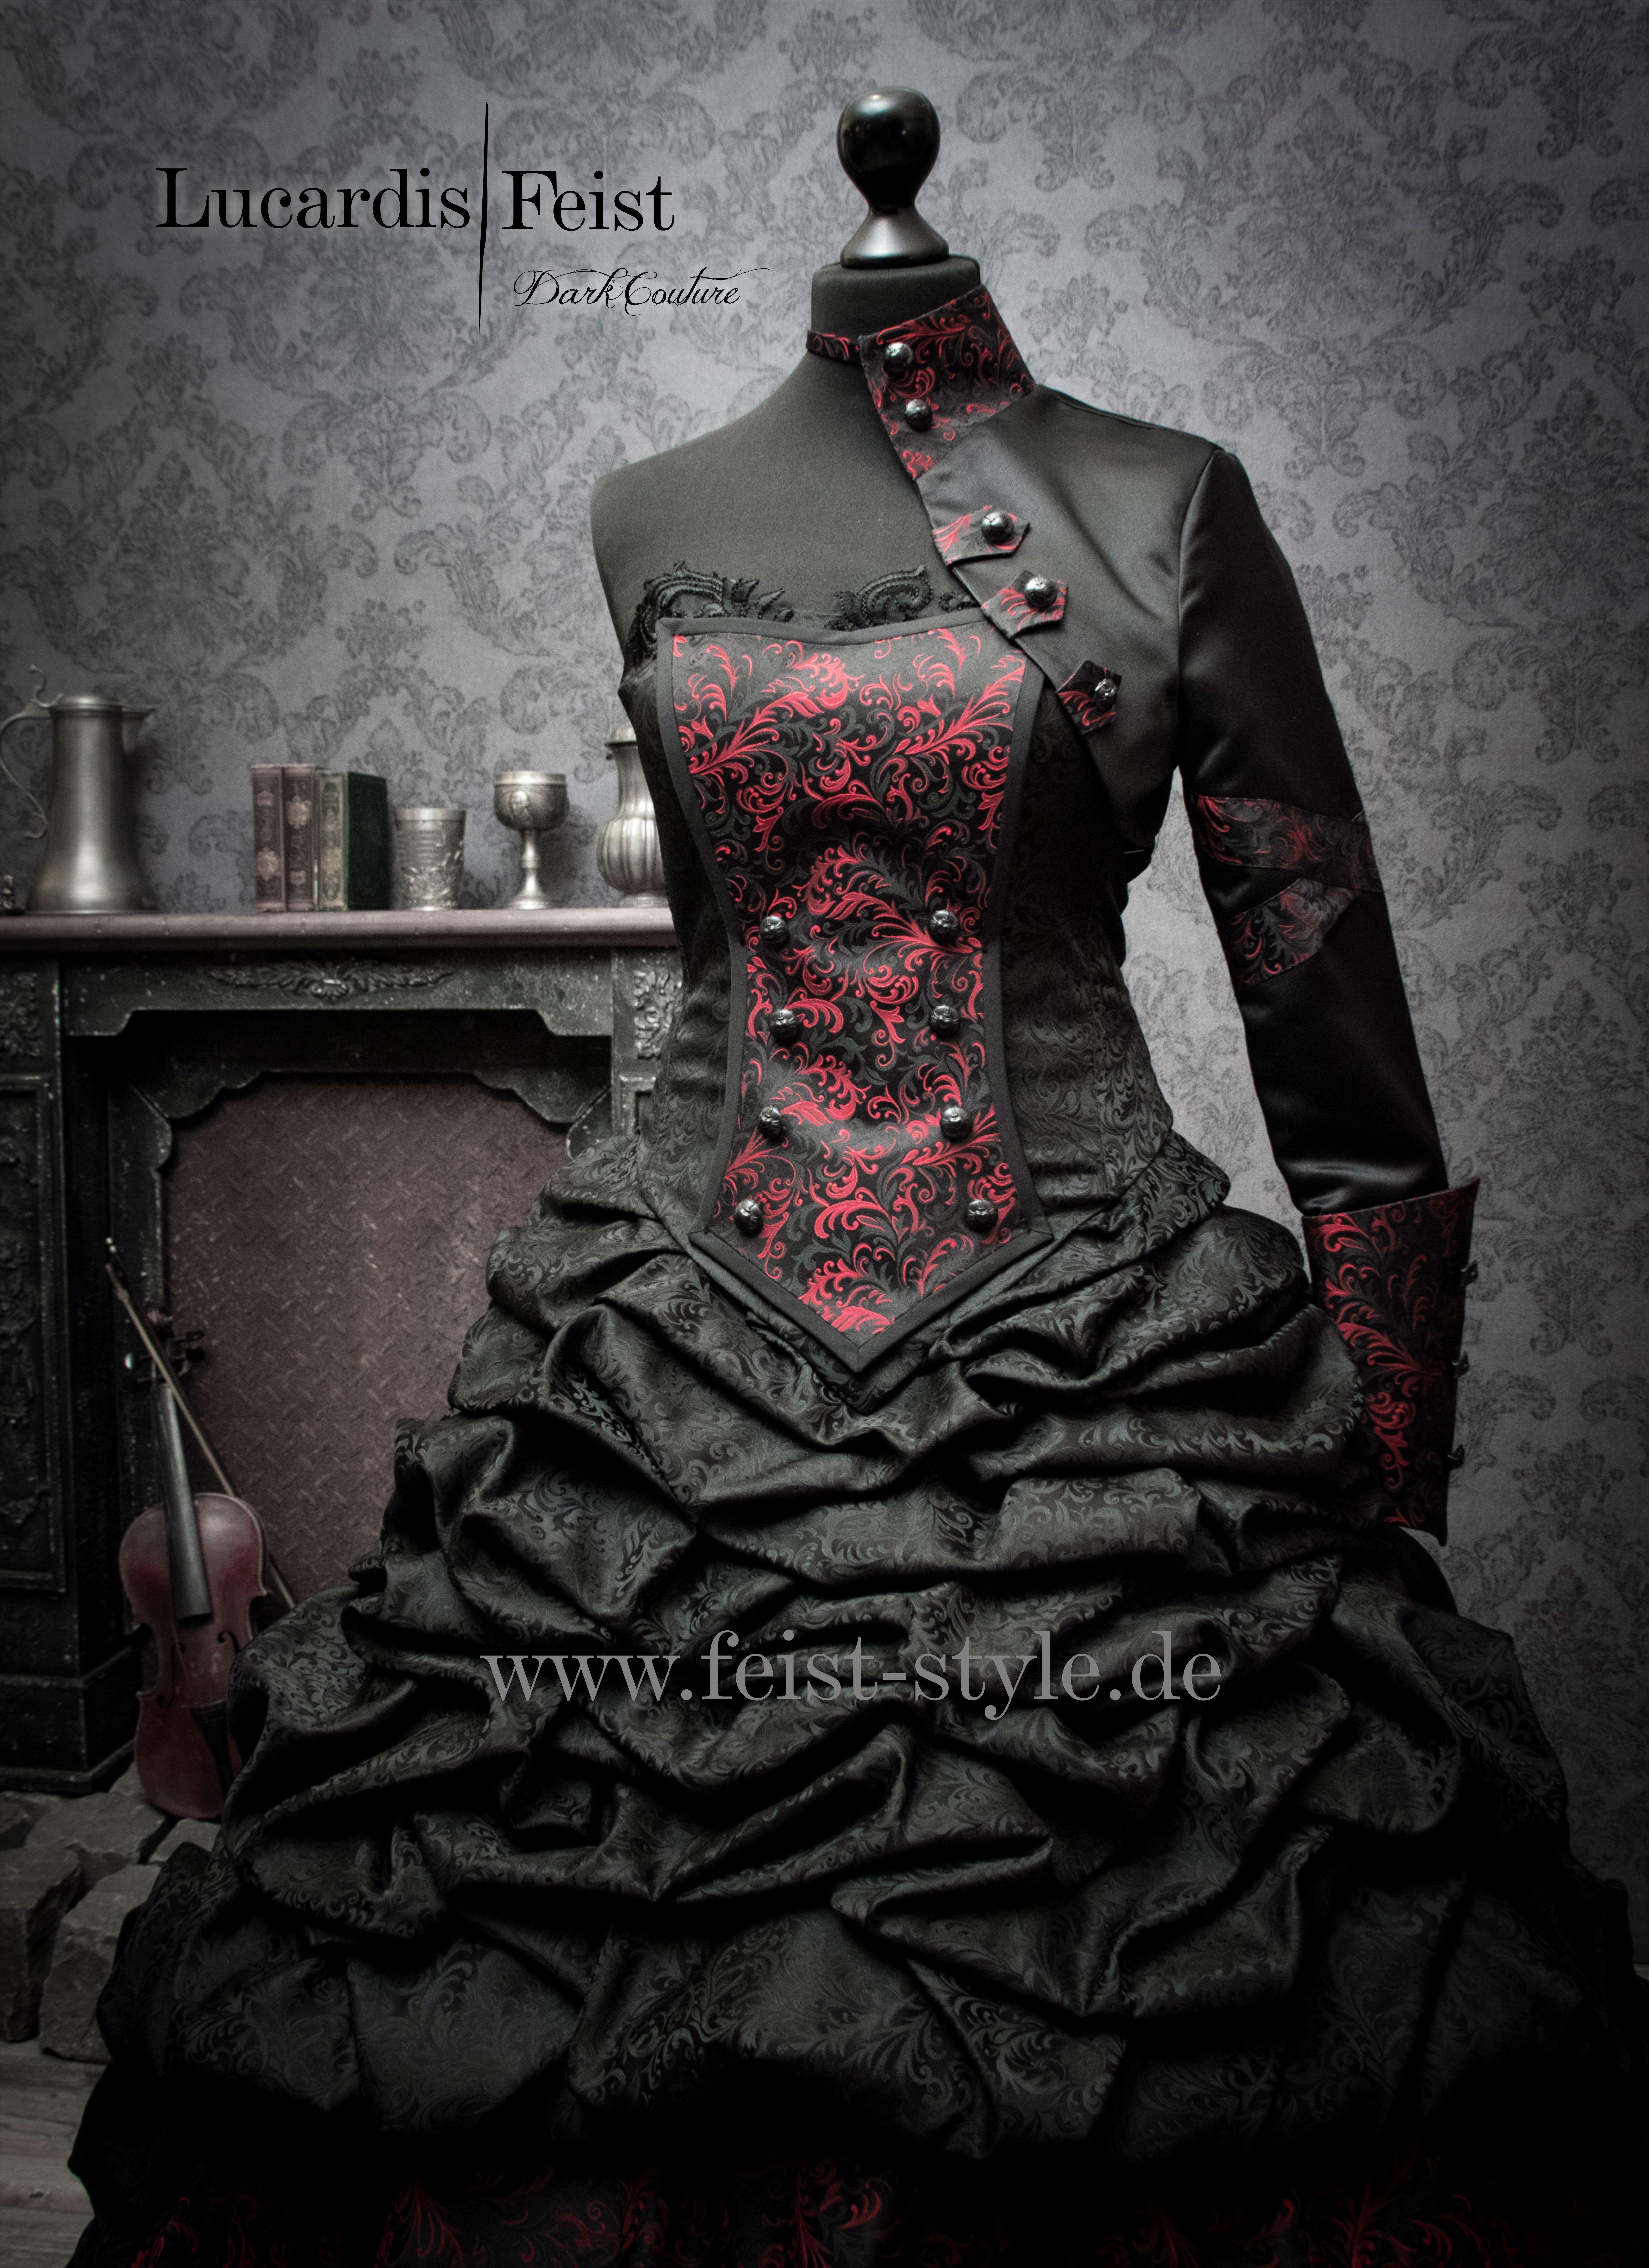 Dark Vintage Wedding: Lucardis Feist Bridal Gown  Brautkleid